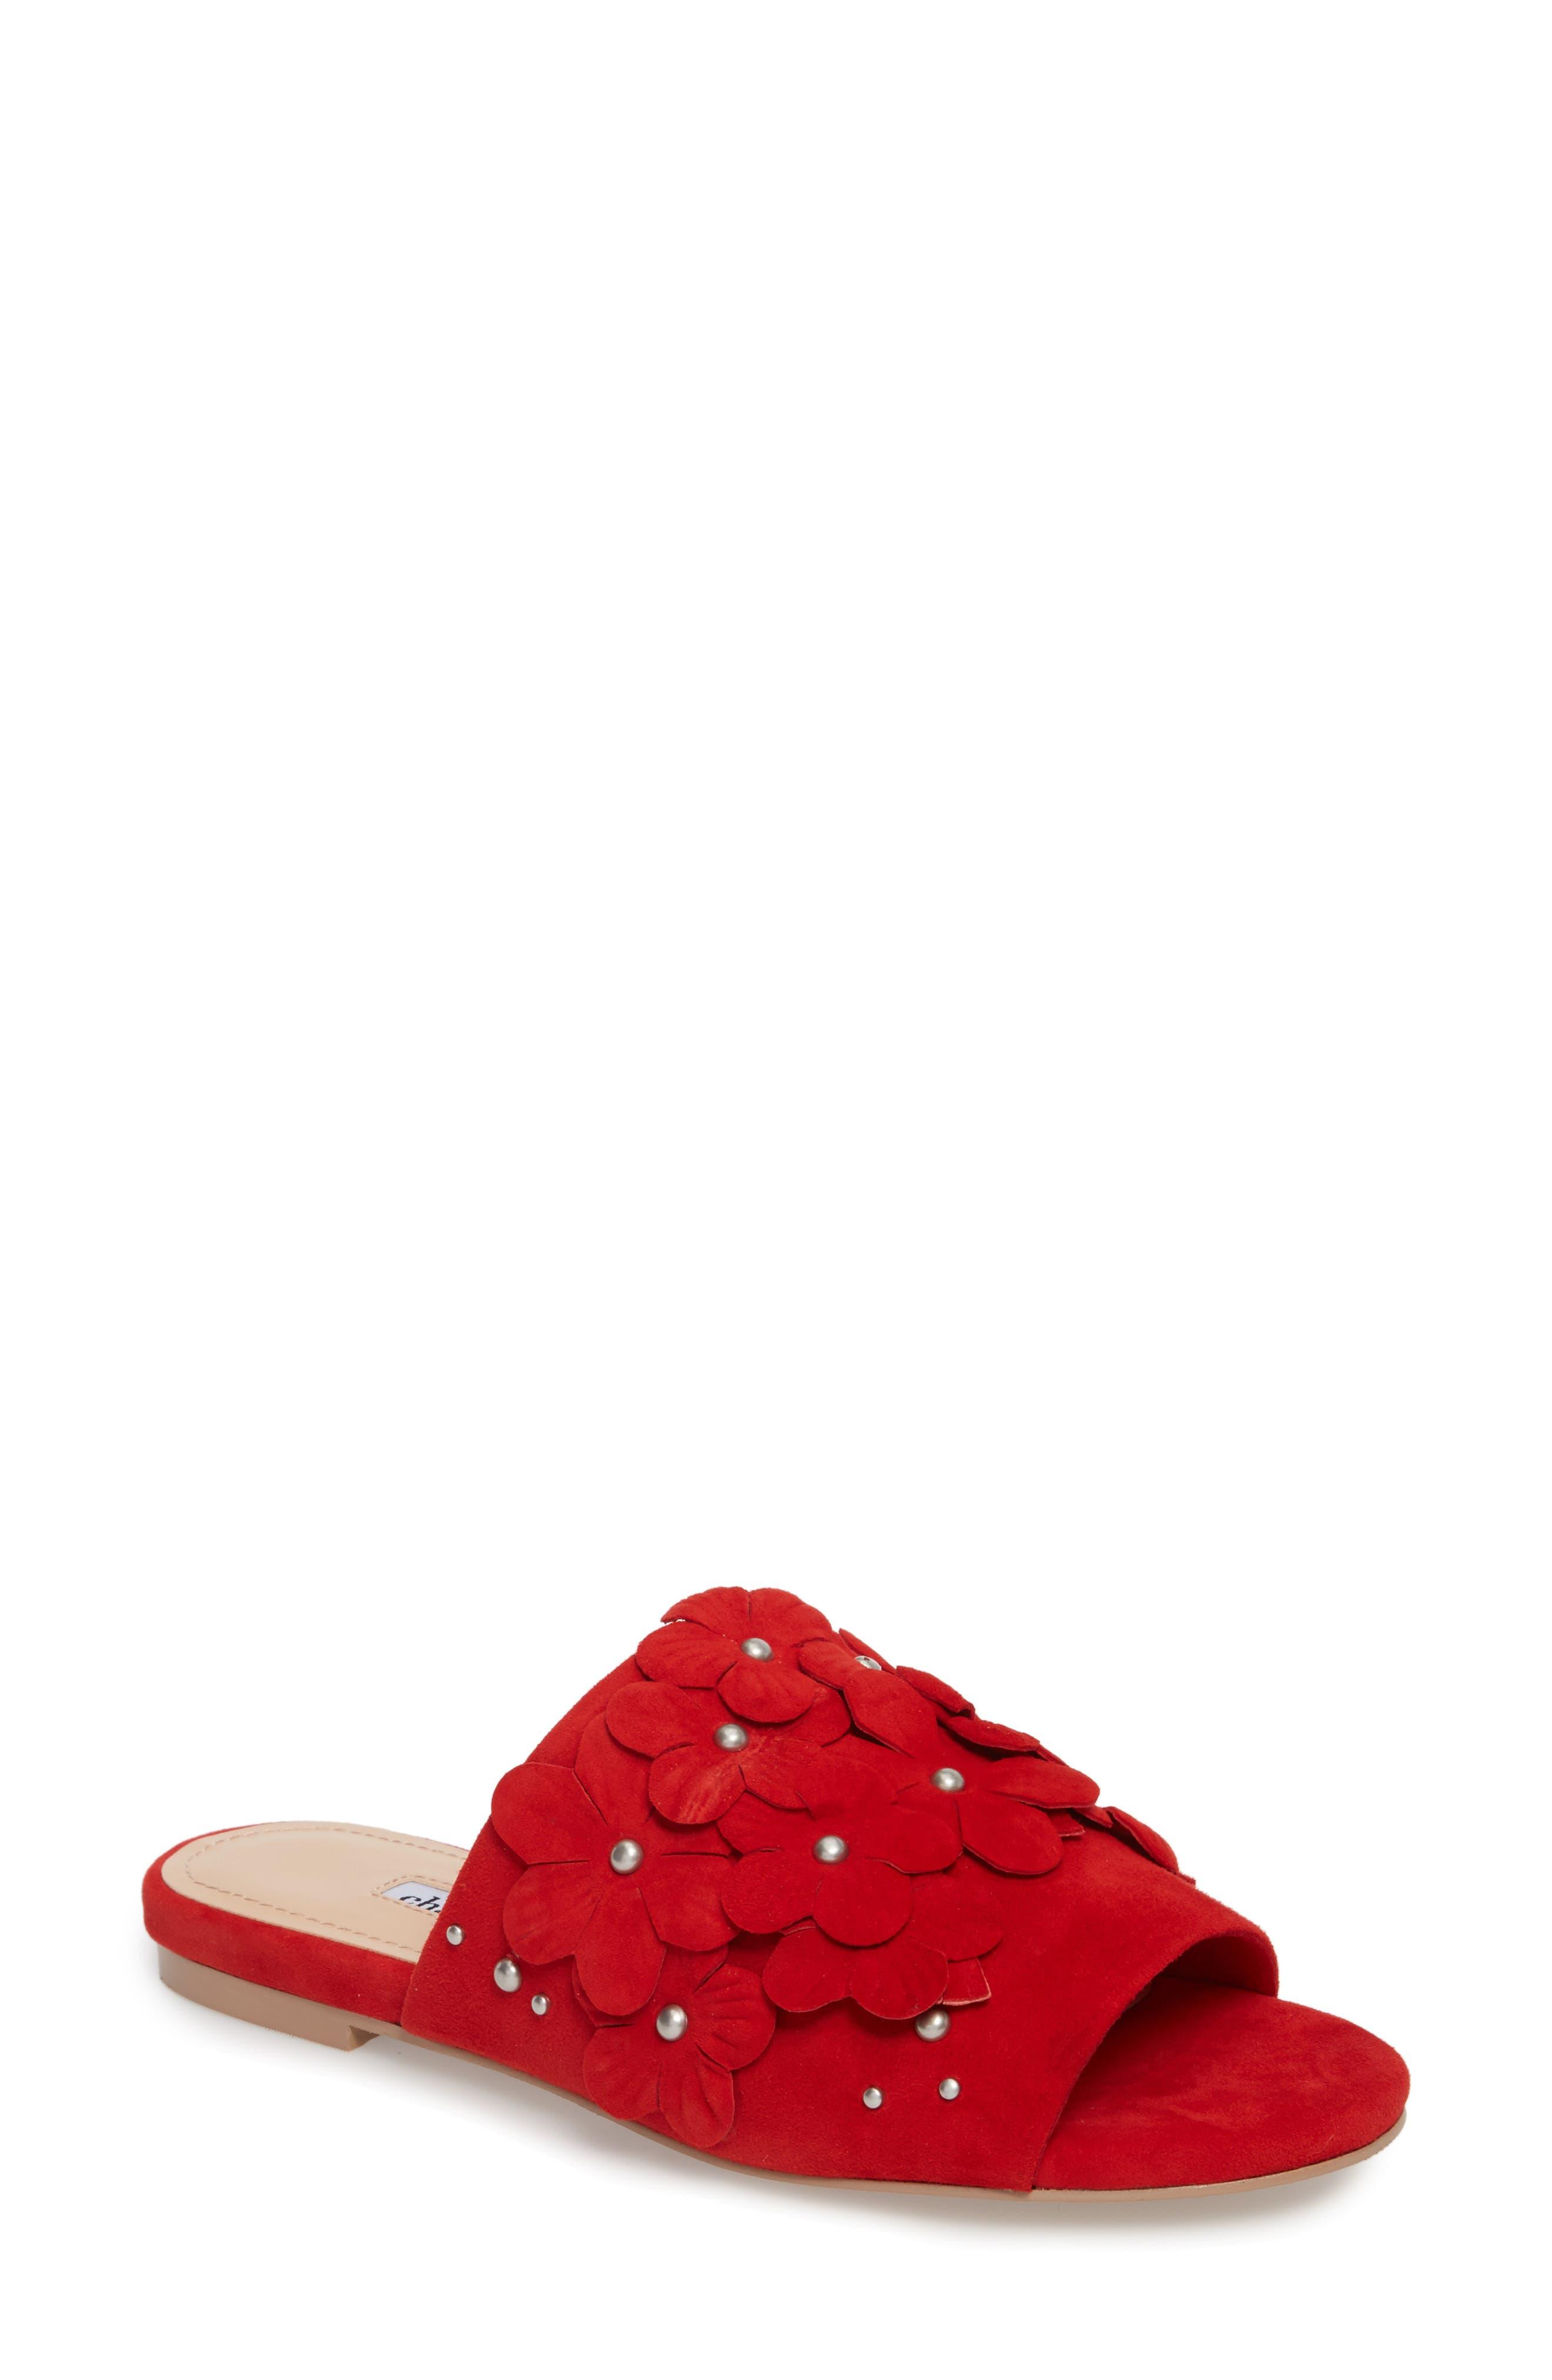 Charles David Sicilian Slide Sandal, Red